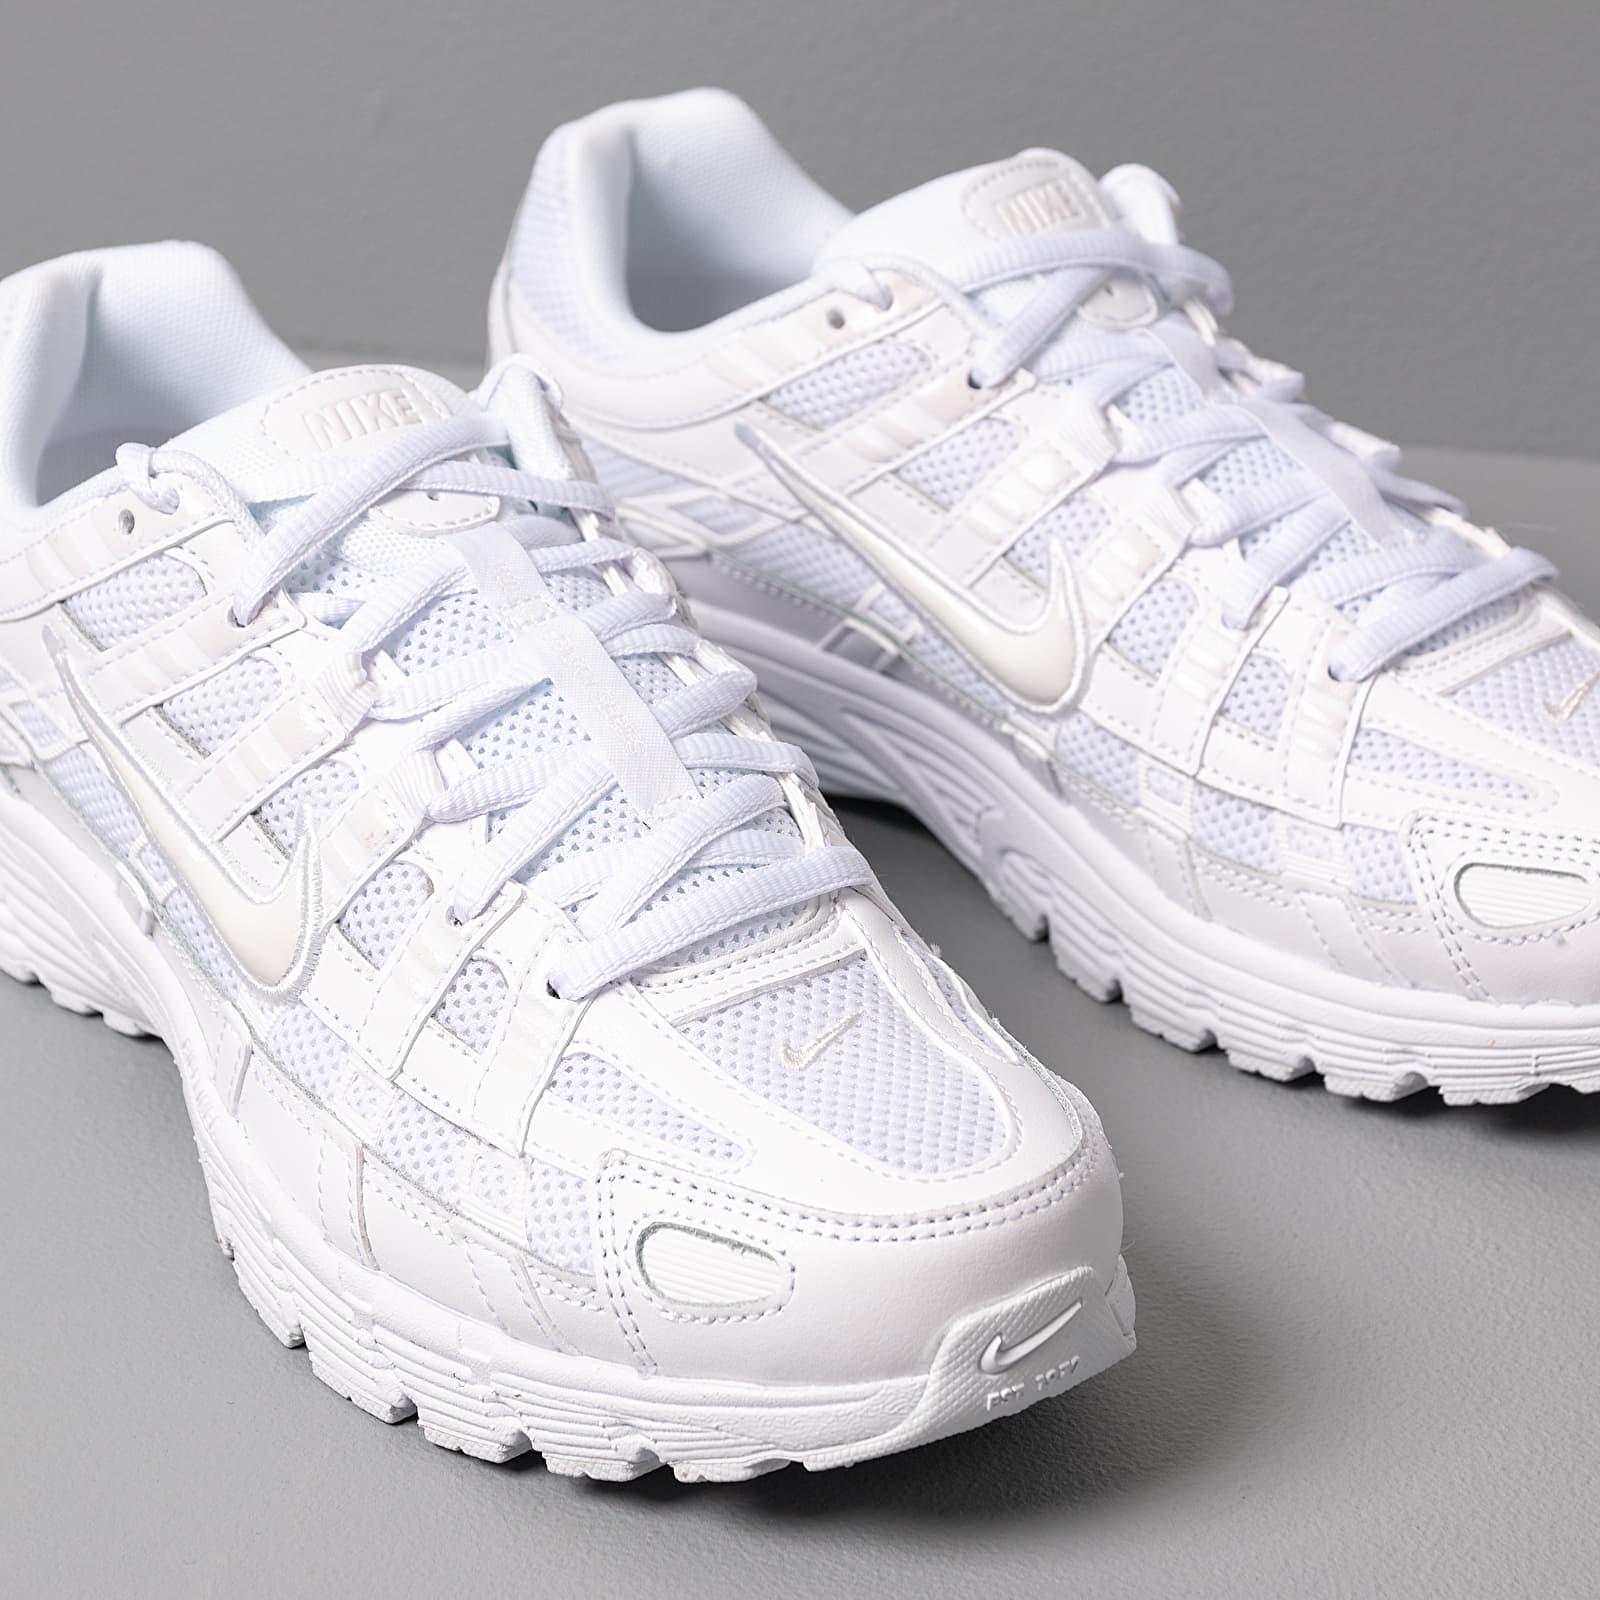 Nike W P 6000 White White Platinum Tint | Footshop